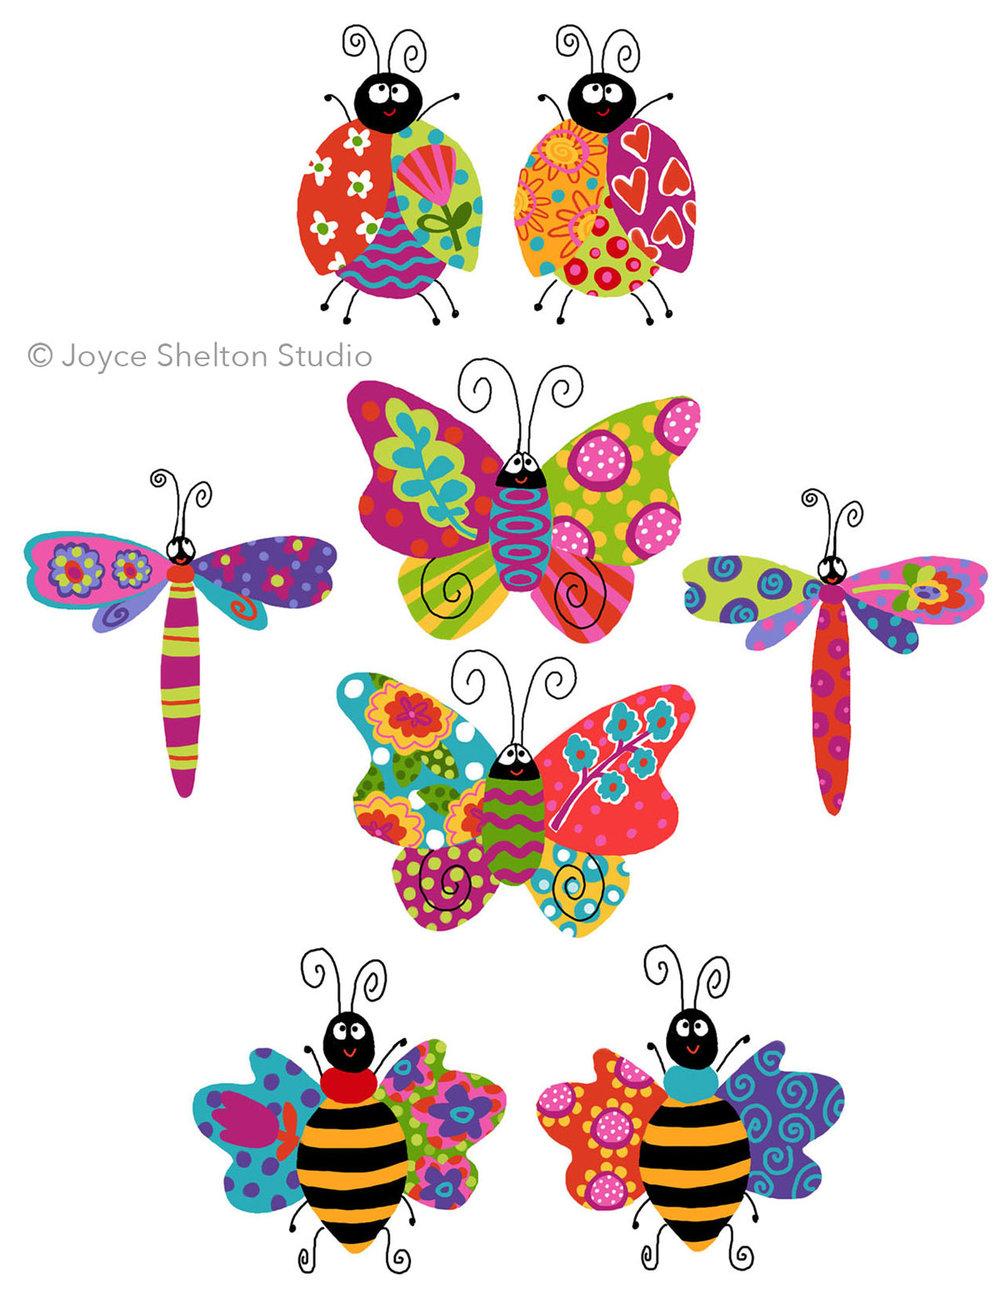 Colorful Bugs ©Joyce Shelton